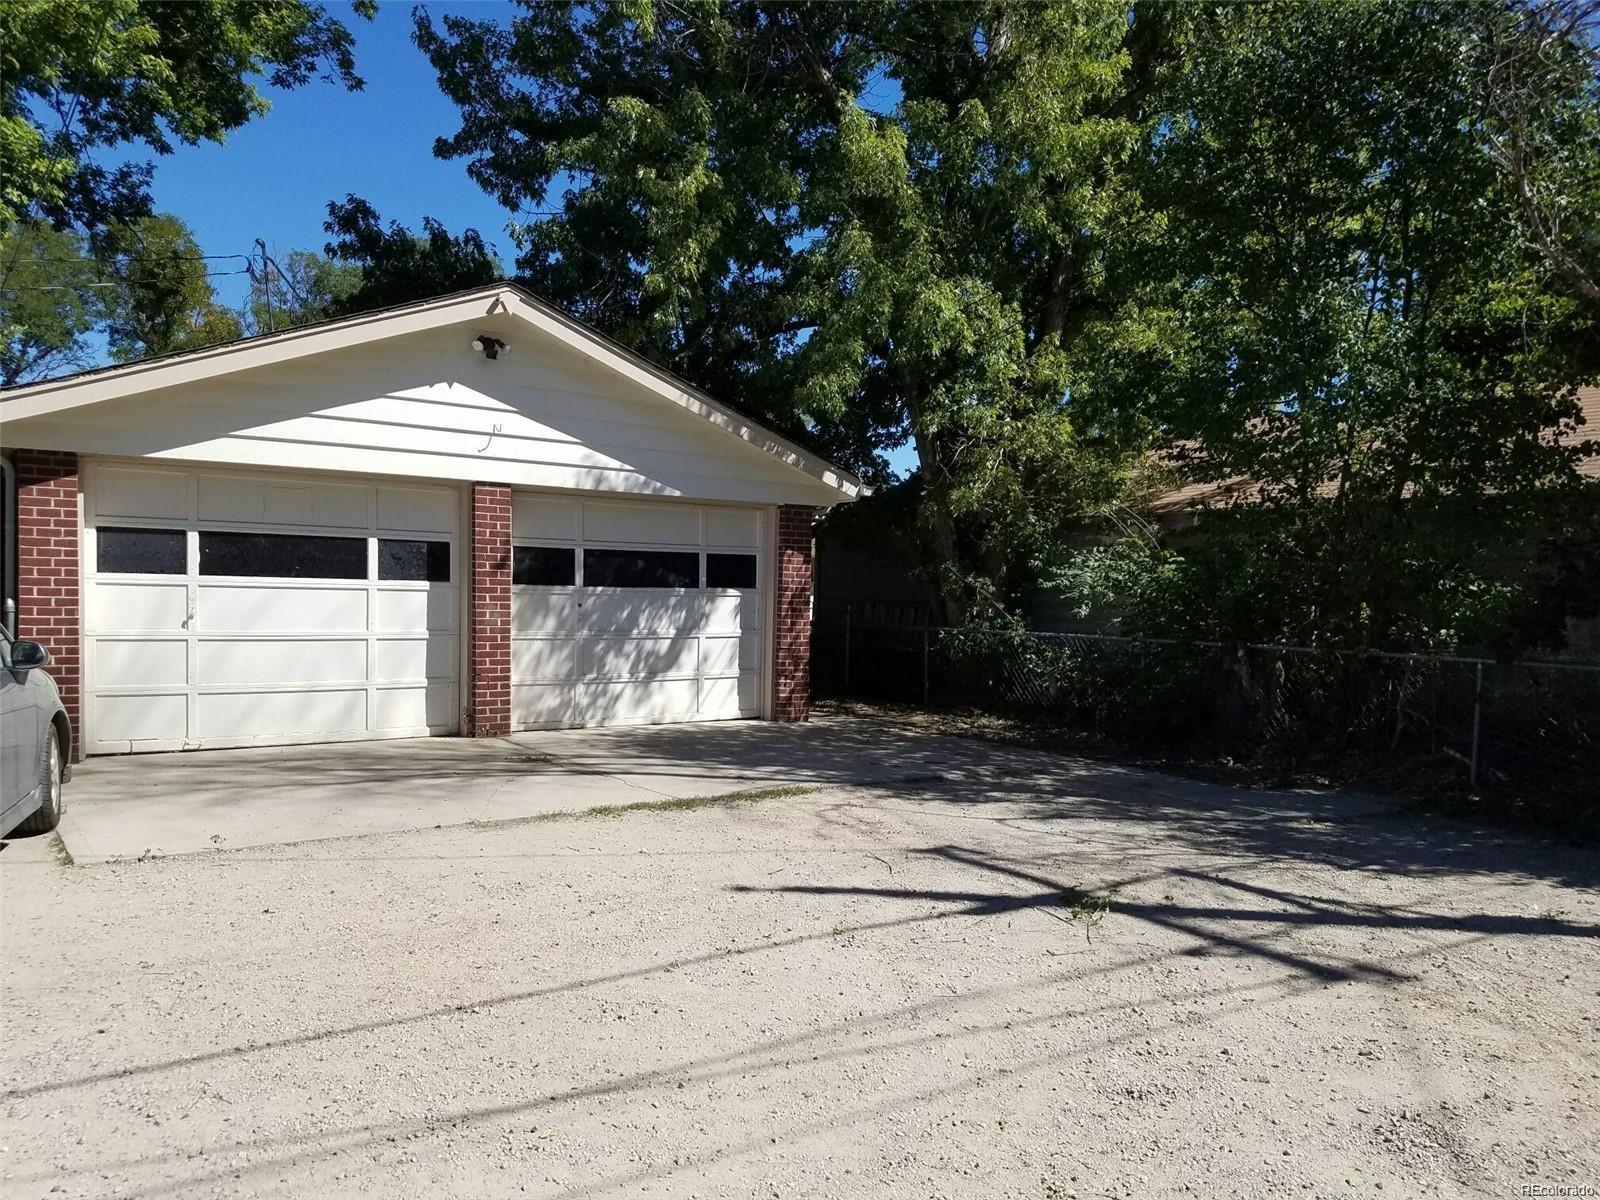 5308 W 41st Avenue, Denver, CO 80212 - Denver, CO real estate listing